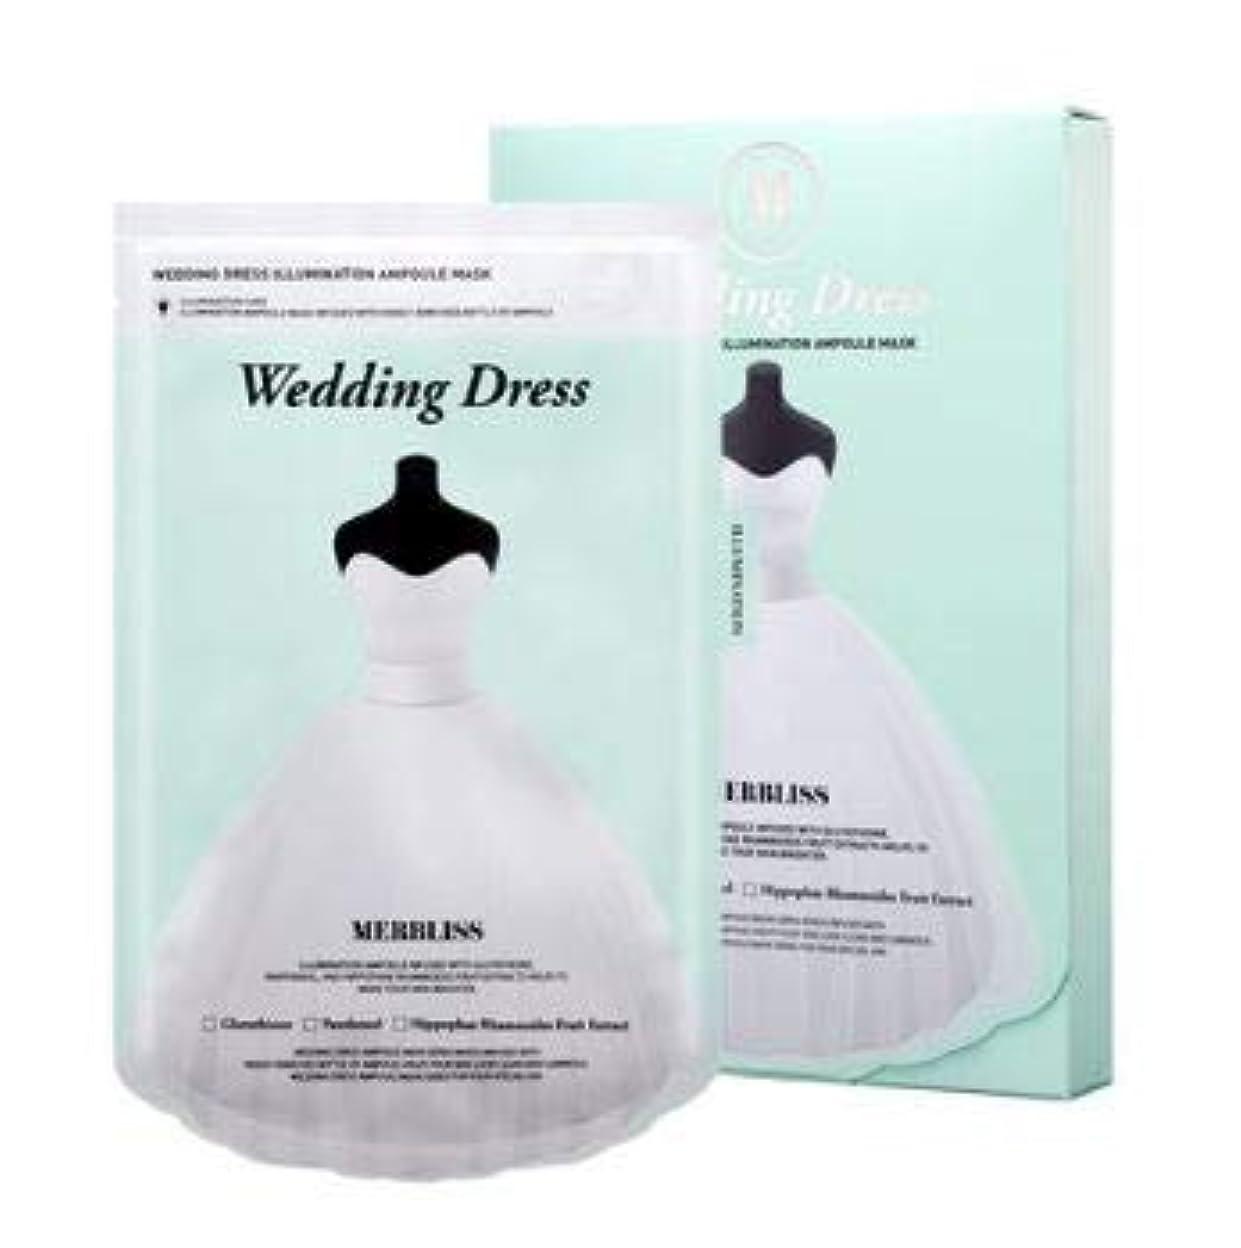 満足させる真似る封建[Merbliss] Wedding Dress Illumination Ampoule Mask 25gx5ea /ウェディングドレスイルミネーションアンプルマスク25gx5枚 [並行輸入品]